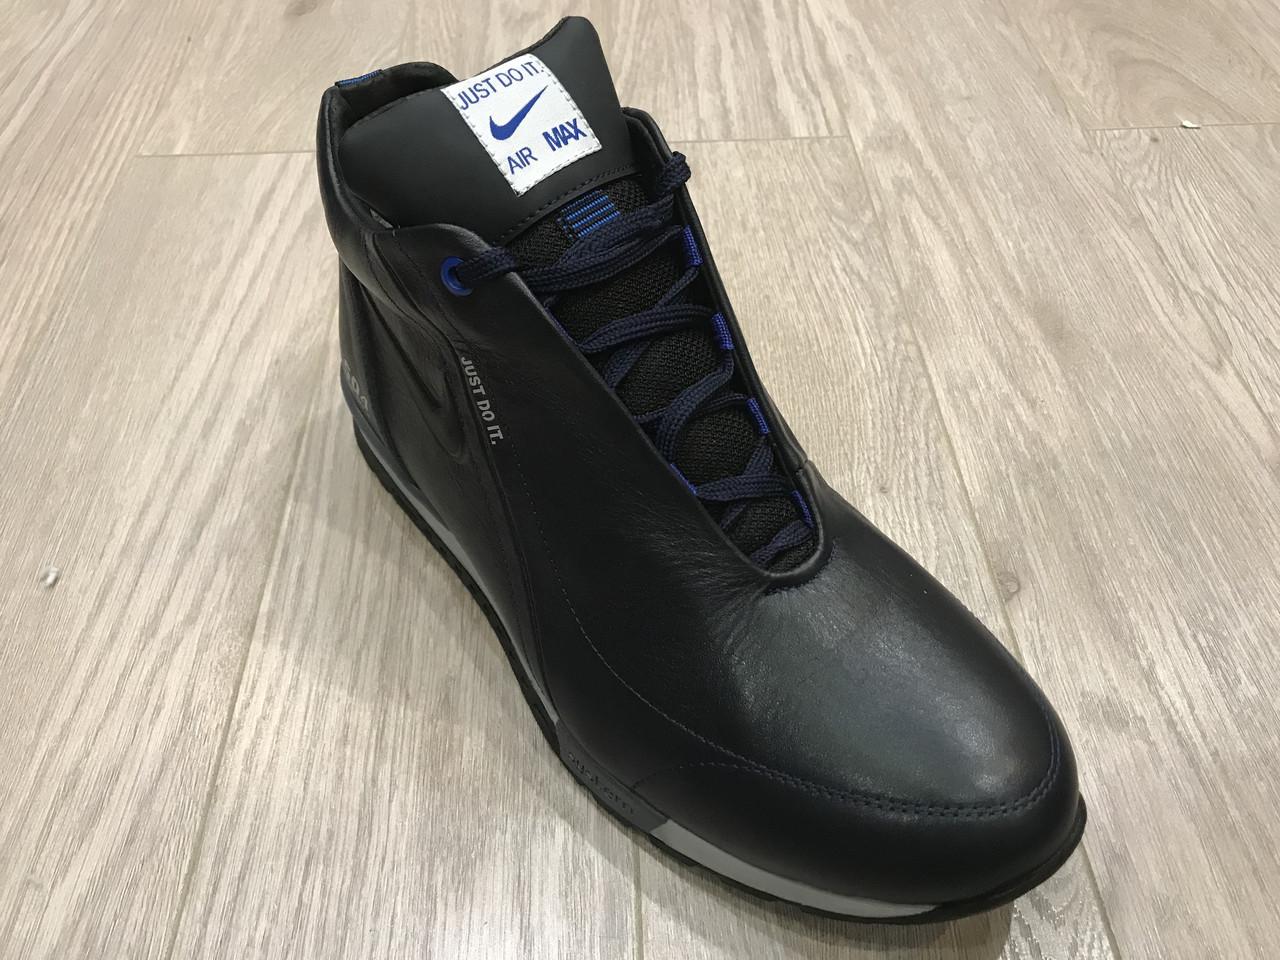 Кроссовки ботинки мужские зимние кожаные Nike / реплика / р, 41, 42